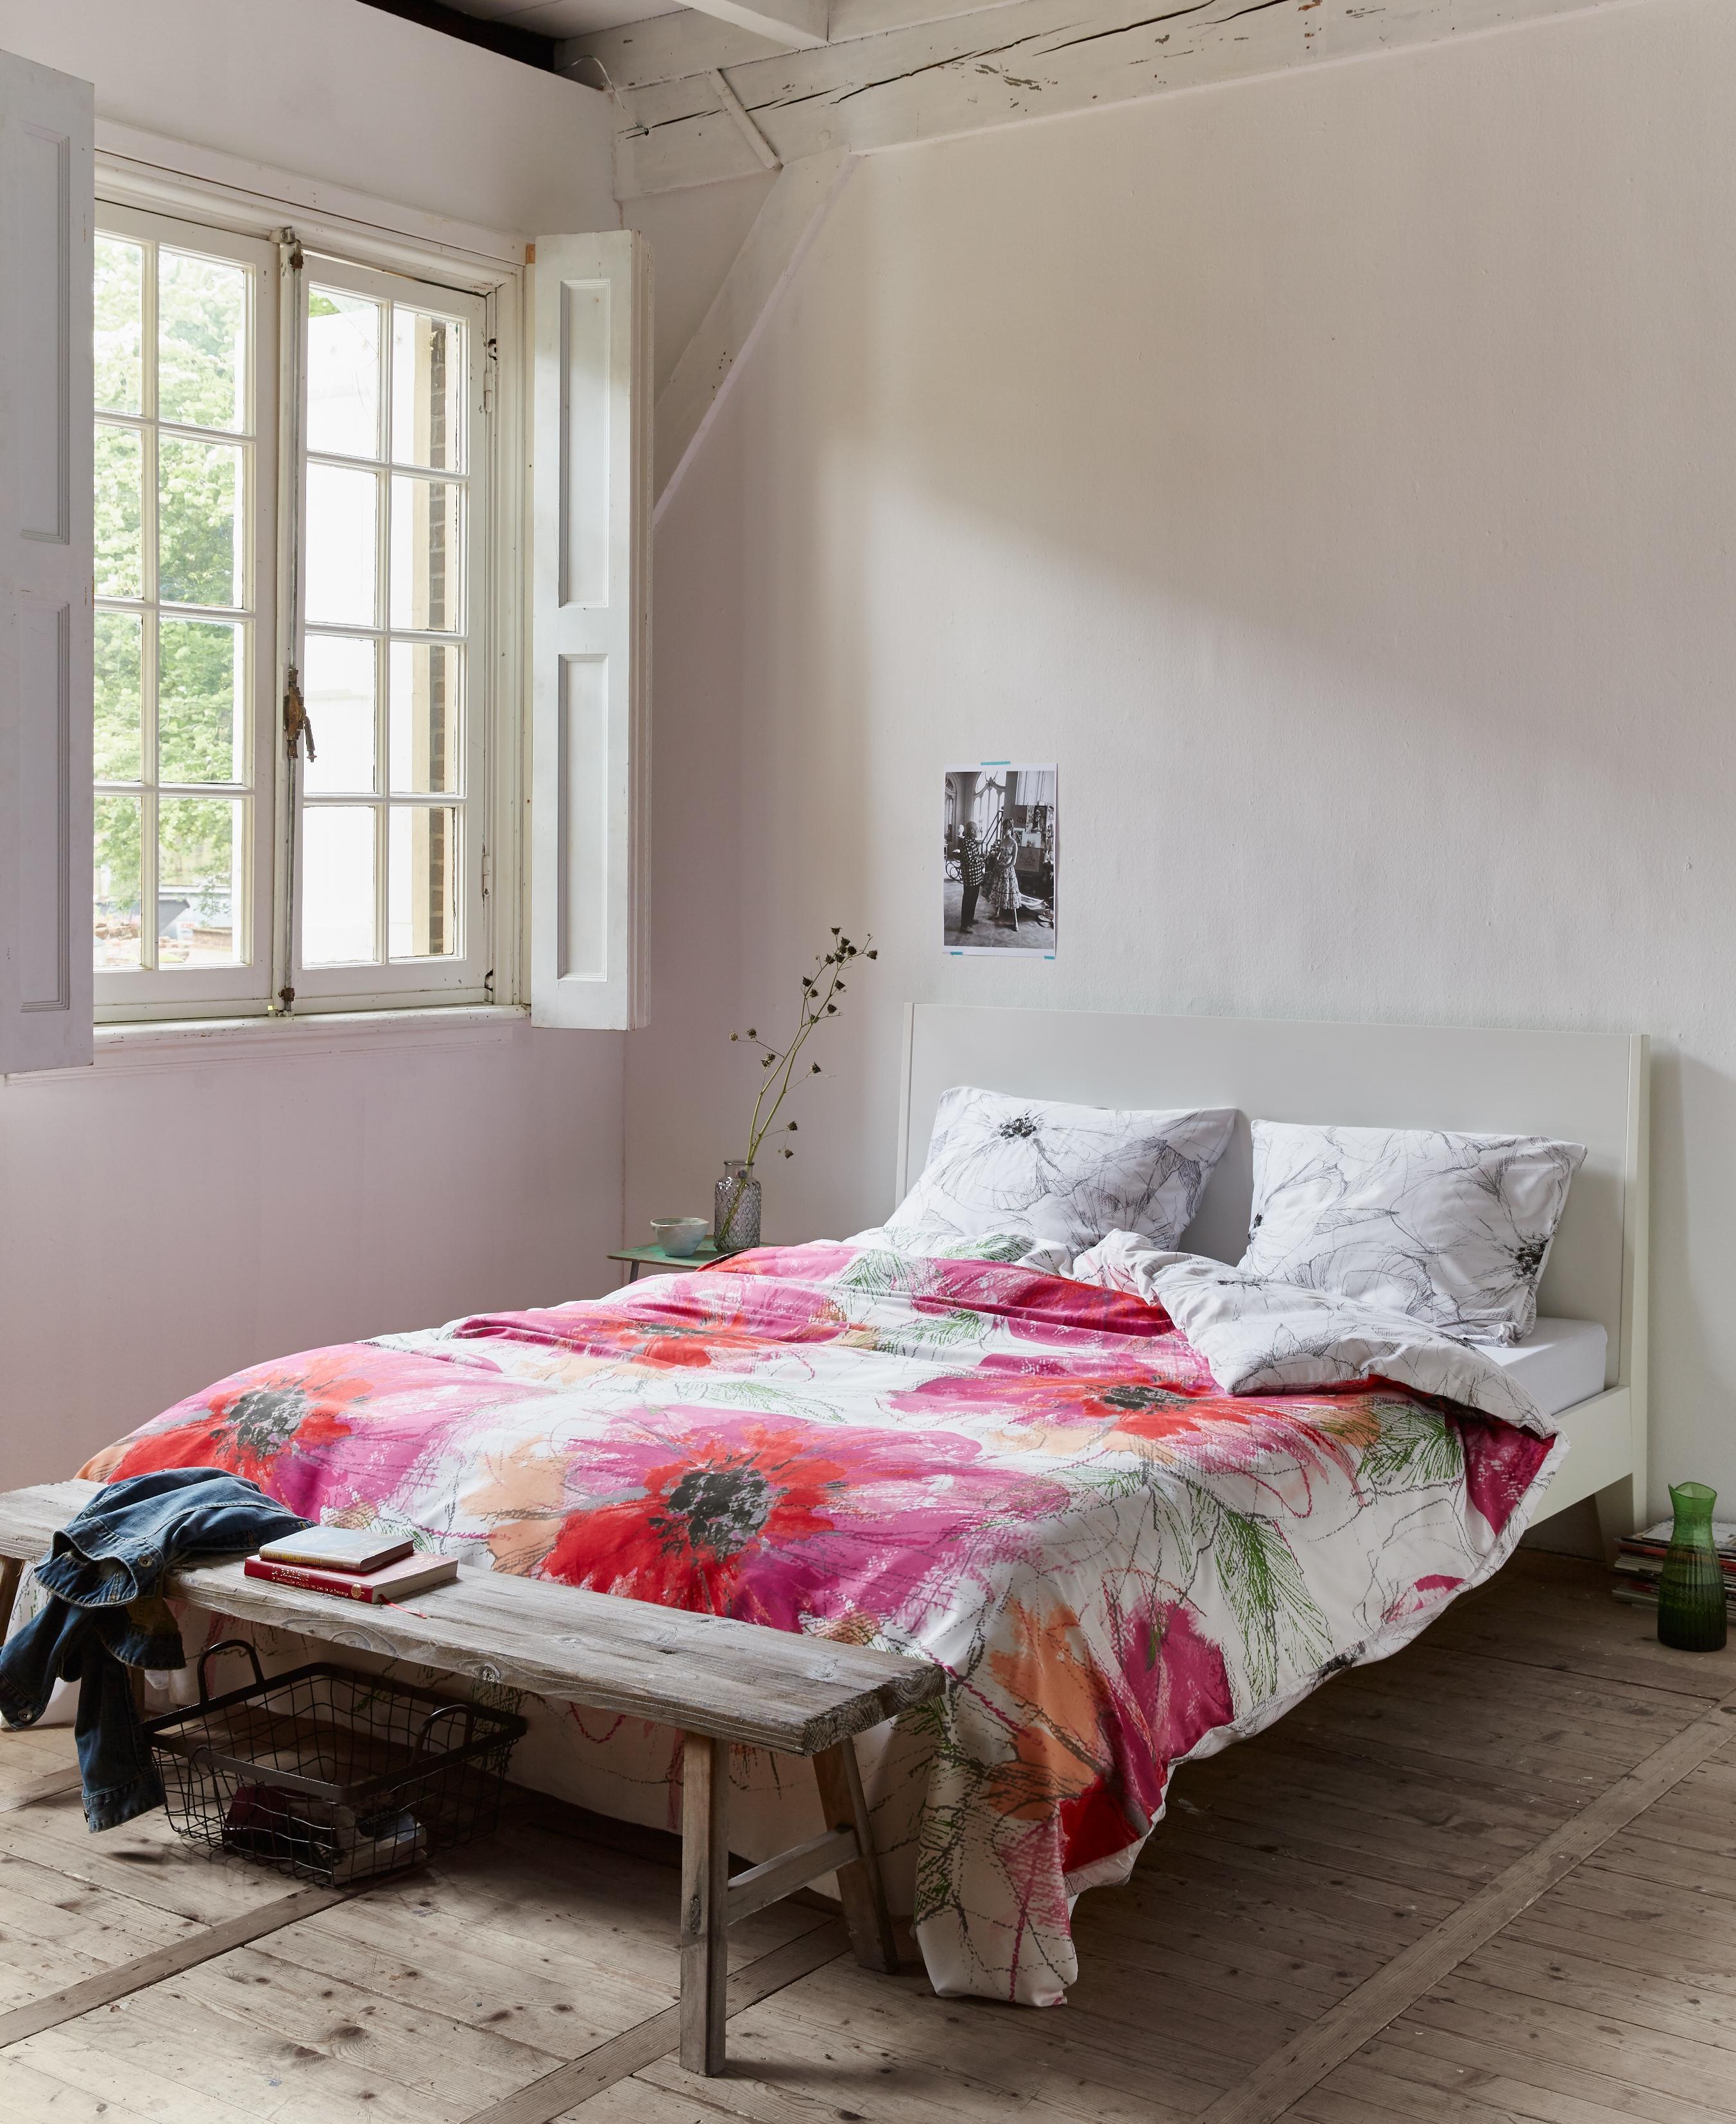 Schlafzimmer gestalten: Ruhige Einrichtungsideen